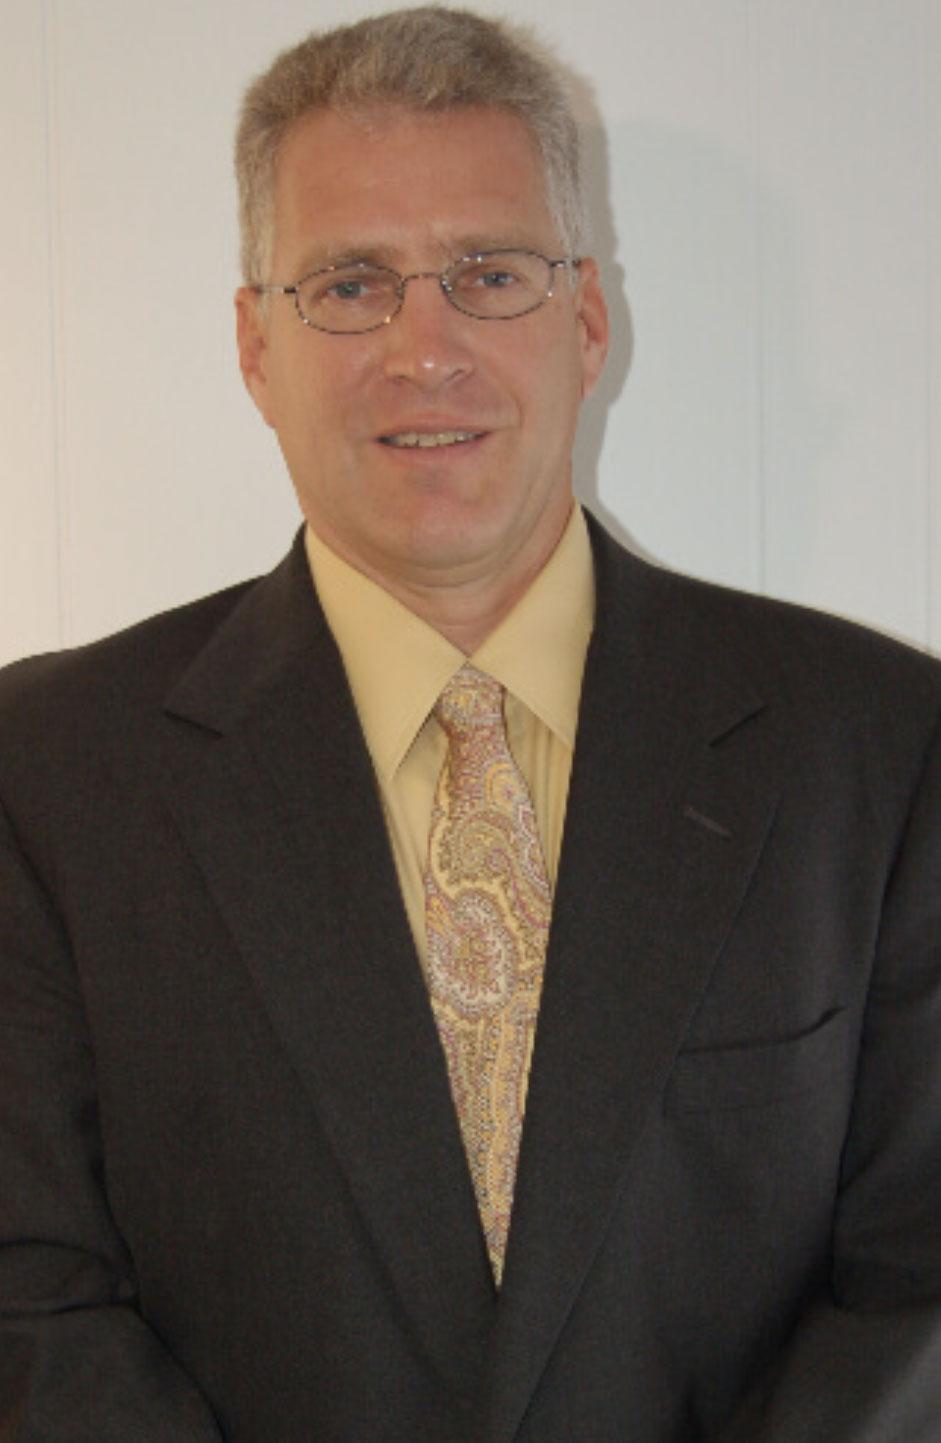 Thomas Gleckner